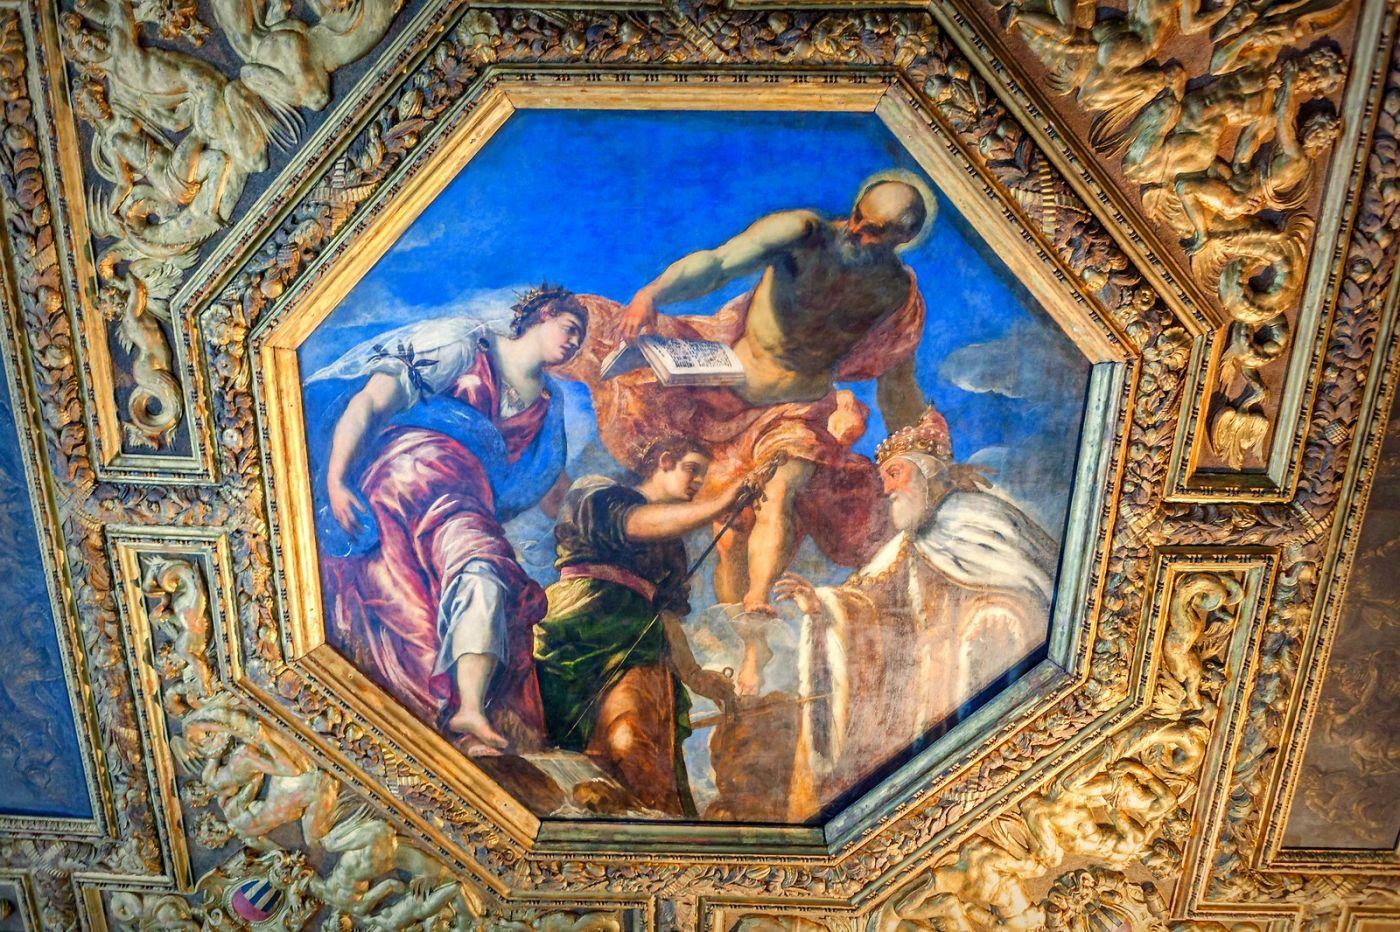 威尼斯圣马可大教堂(St Mark's Basilica), 精雕细琢的顶设_图1-15